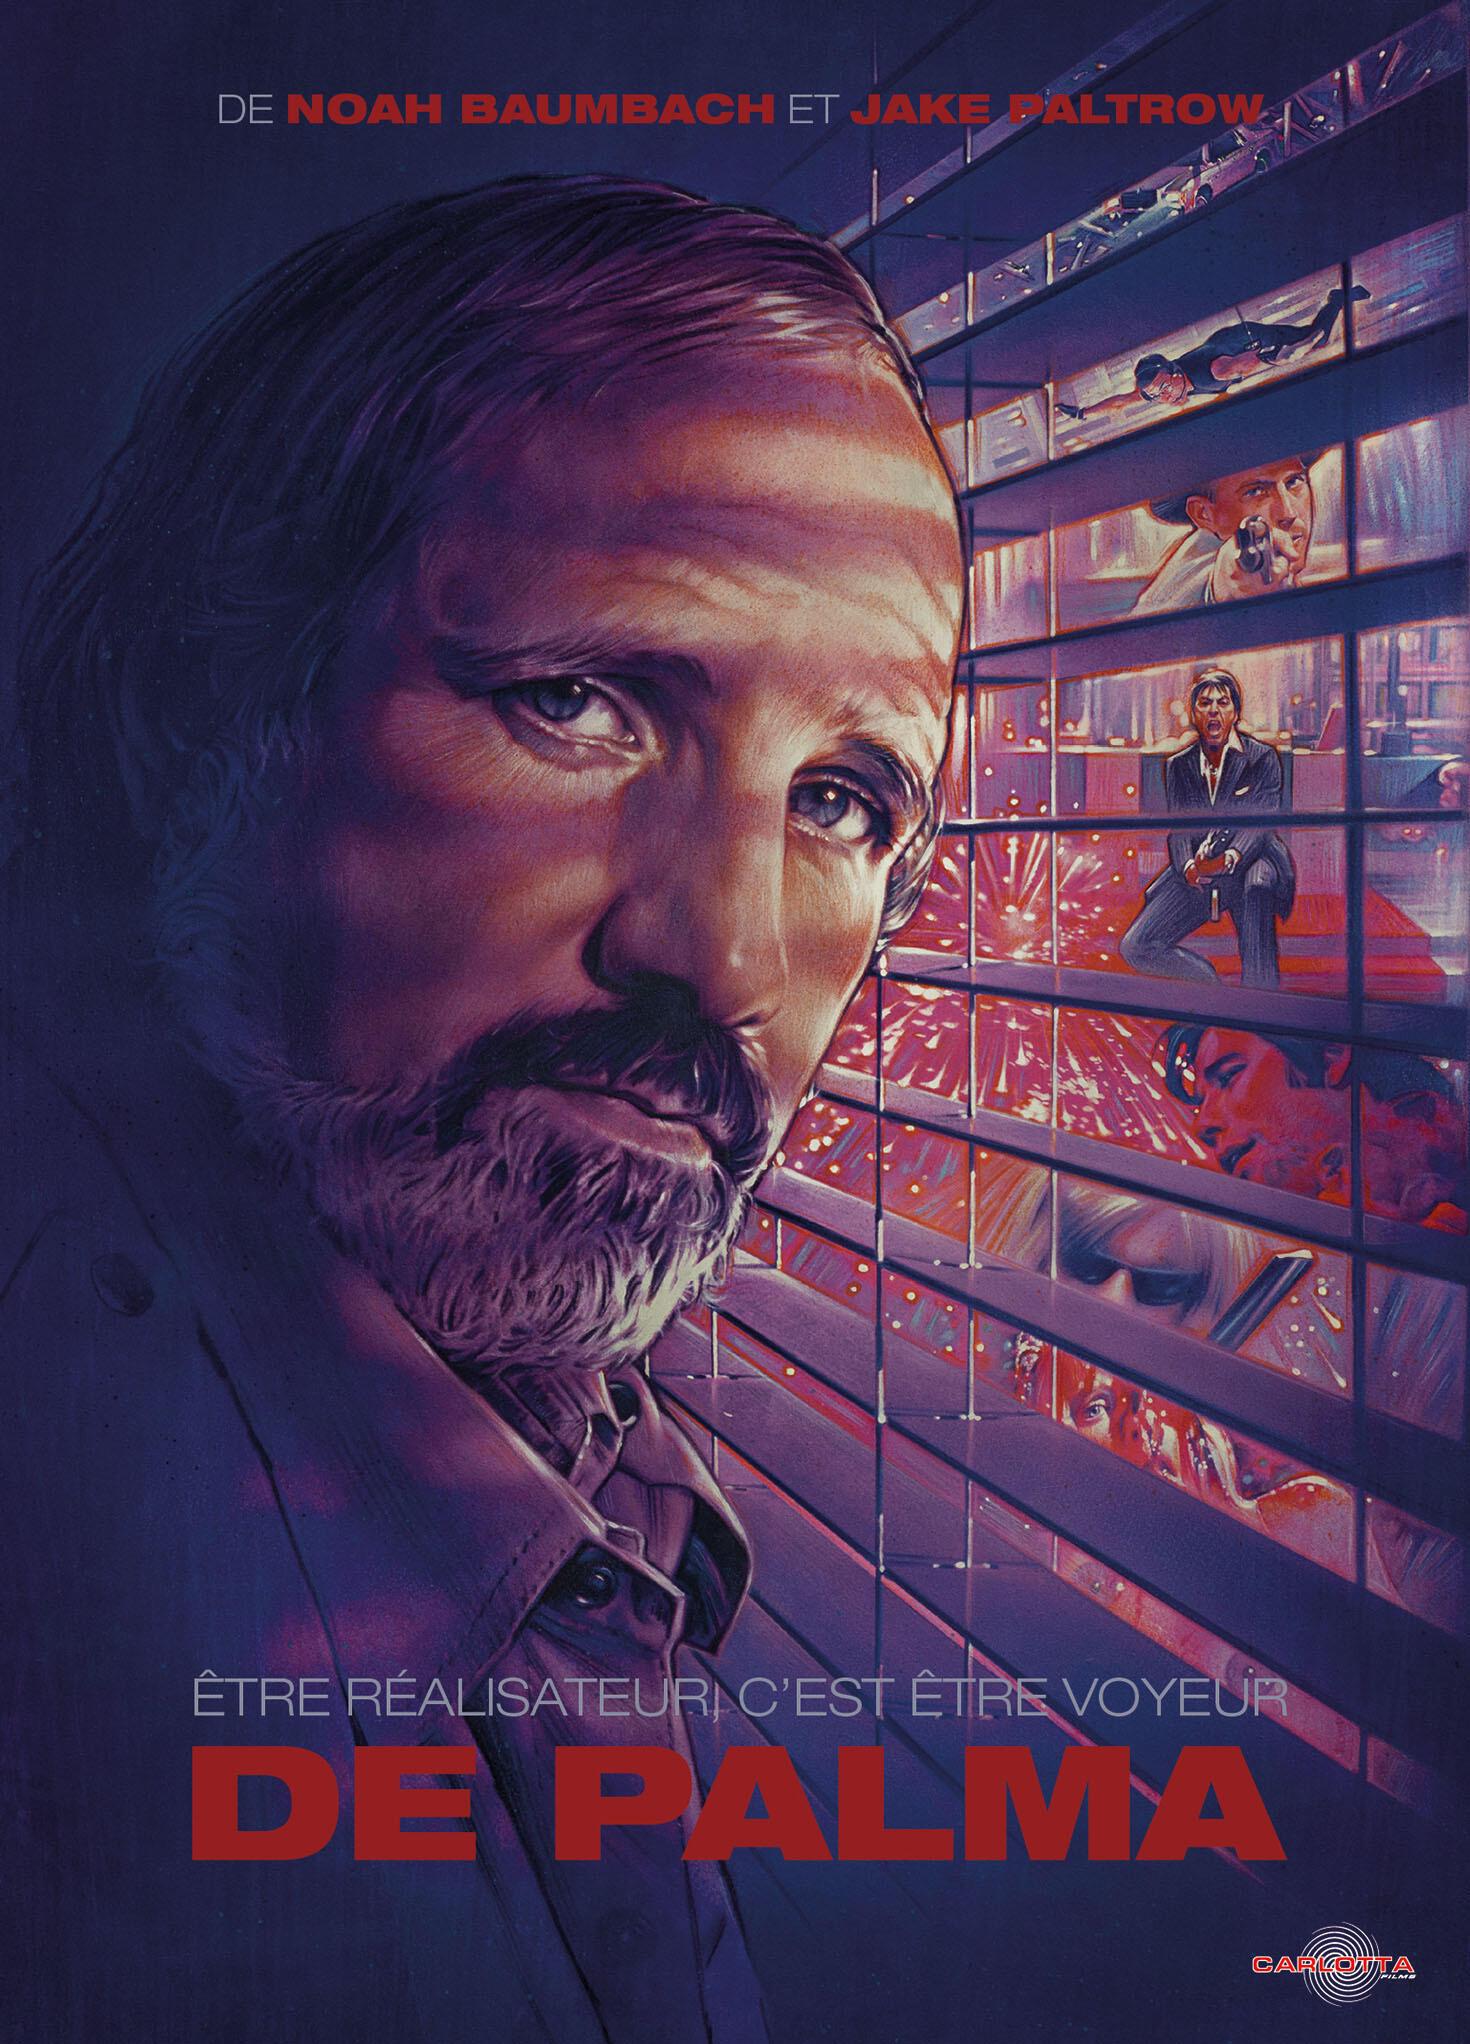 Pochette (détail) du DVD « De Palma : être réalisateur, c'est être voyeur », documentaire consacré à la carrière de Brian de Palma.